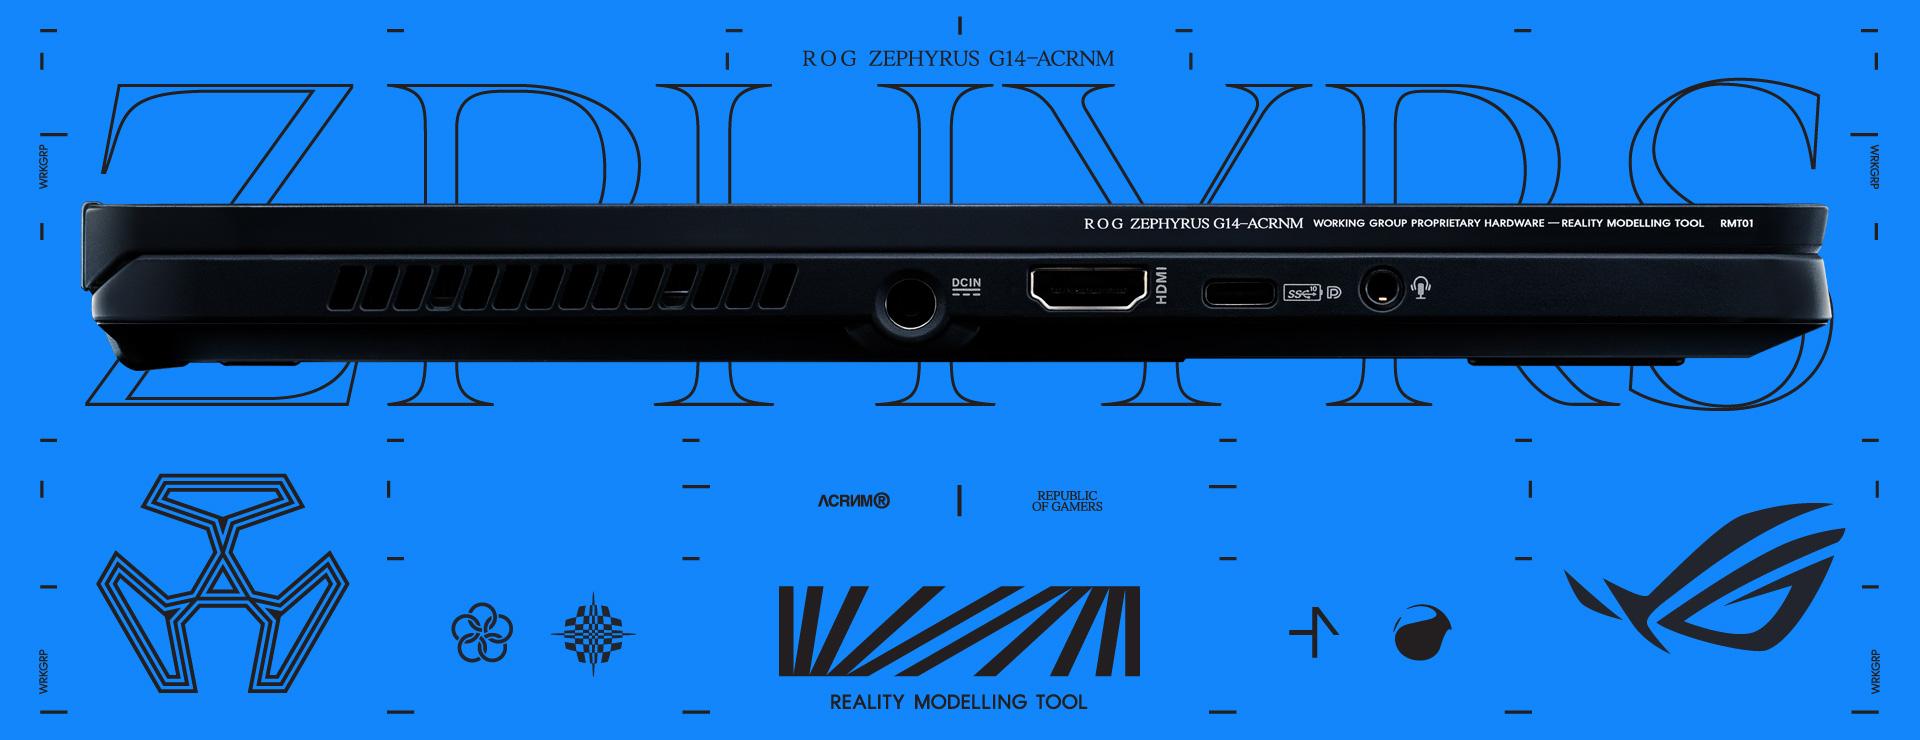 ROG-ZEPHYRUS-G14-ACRNM